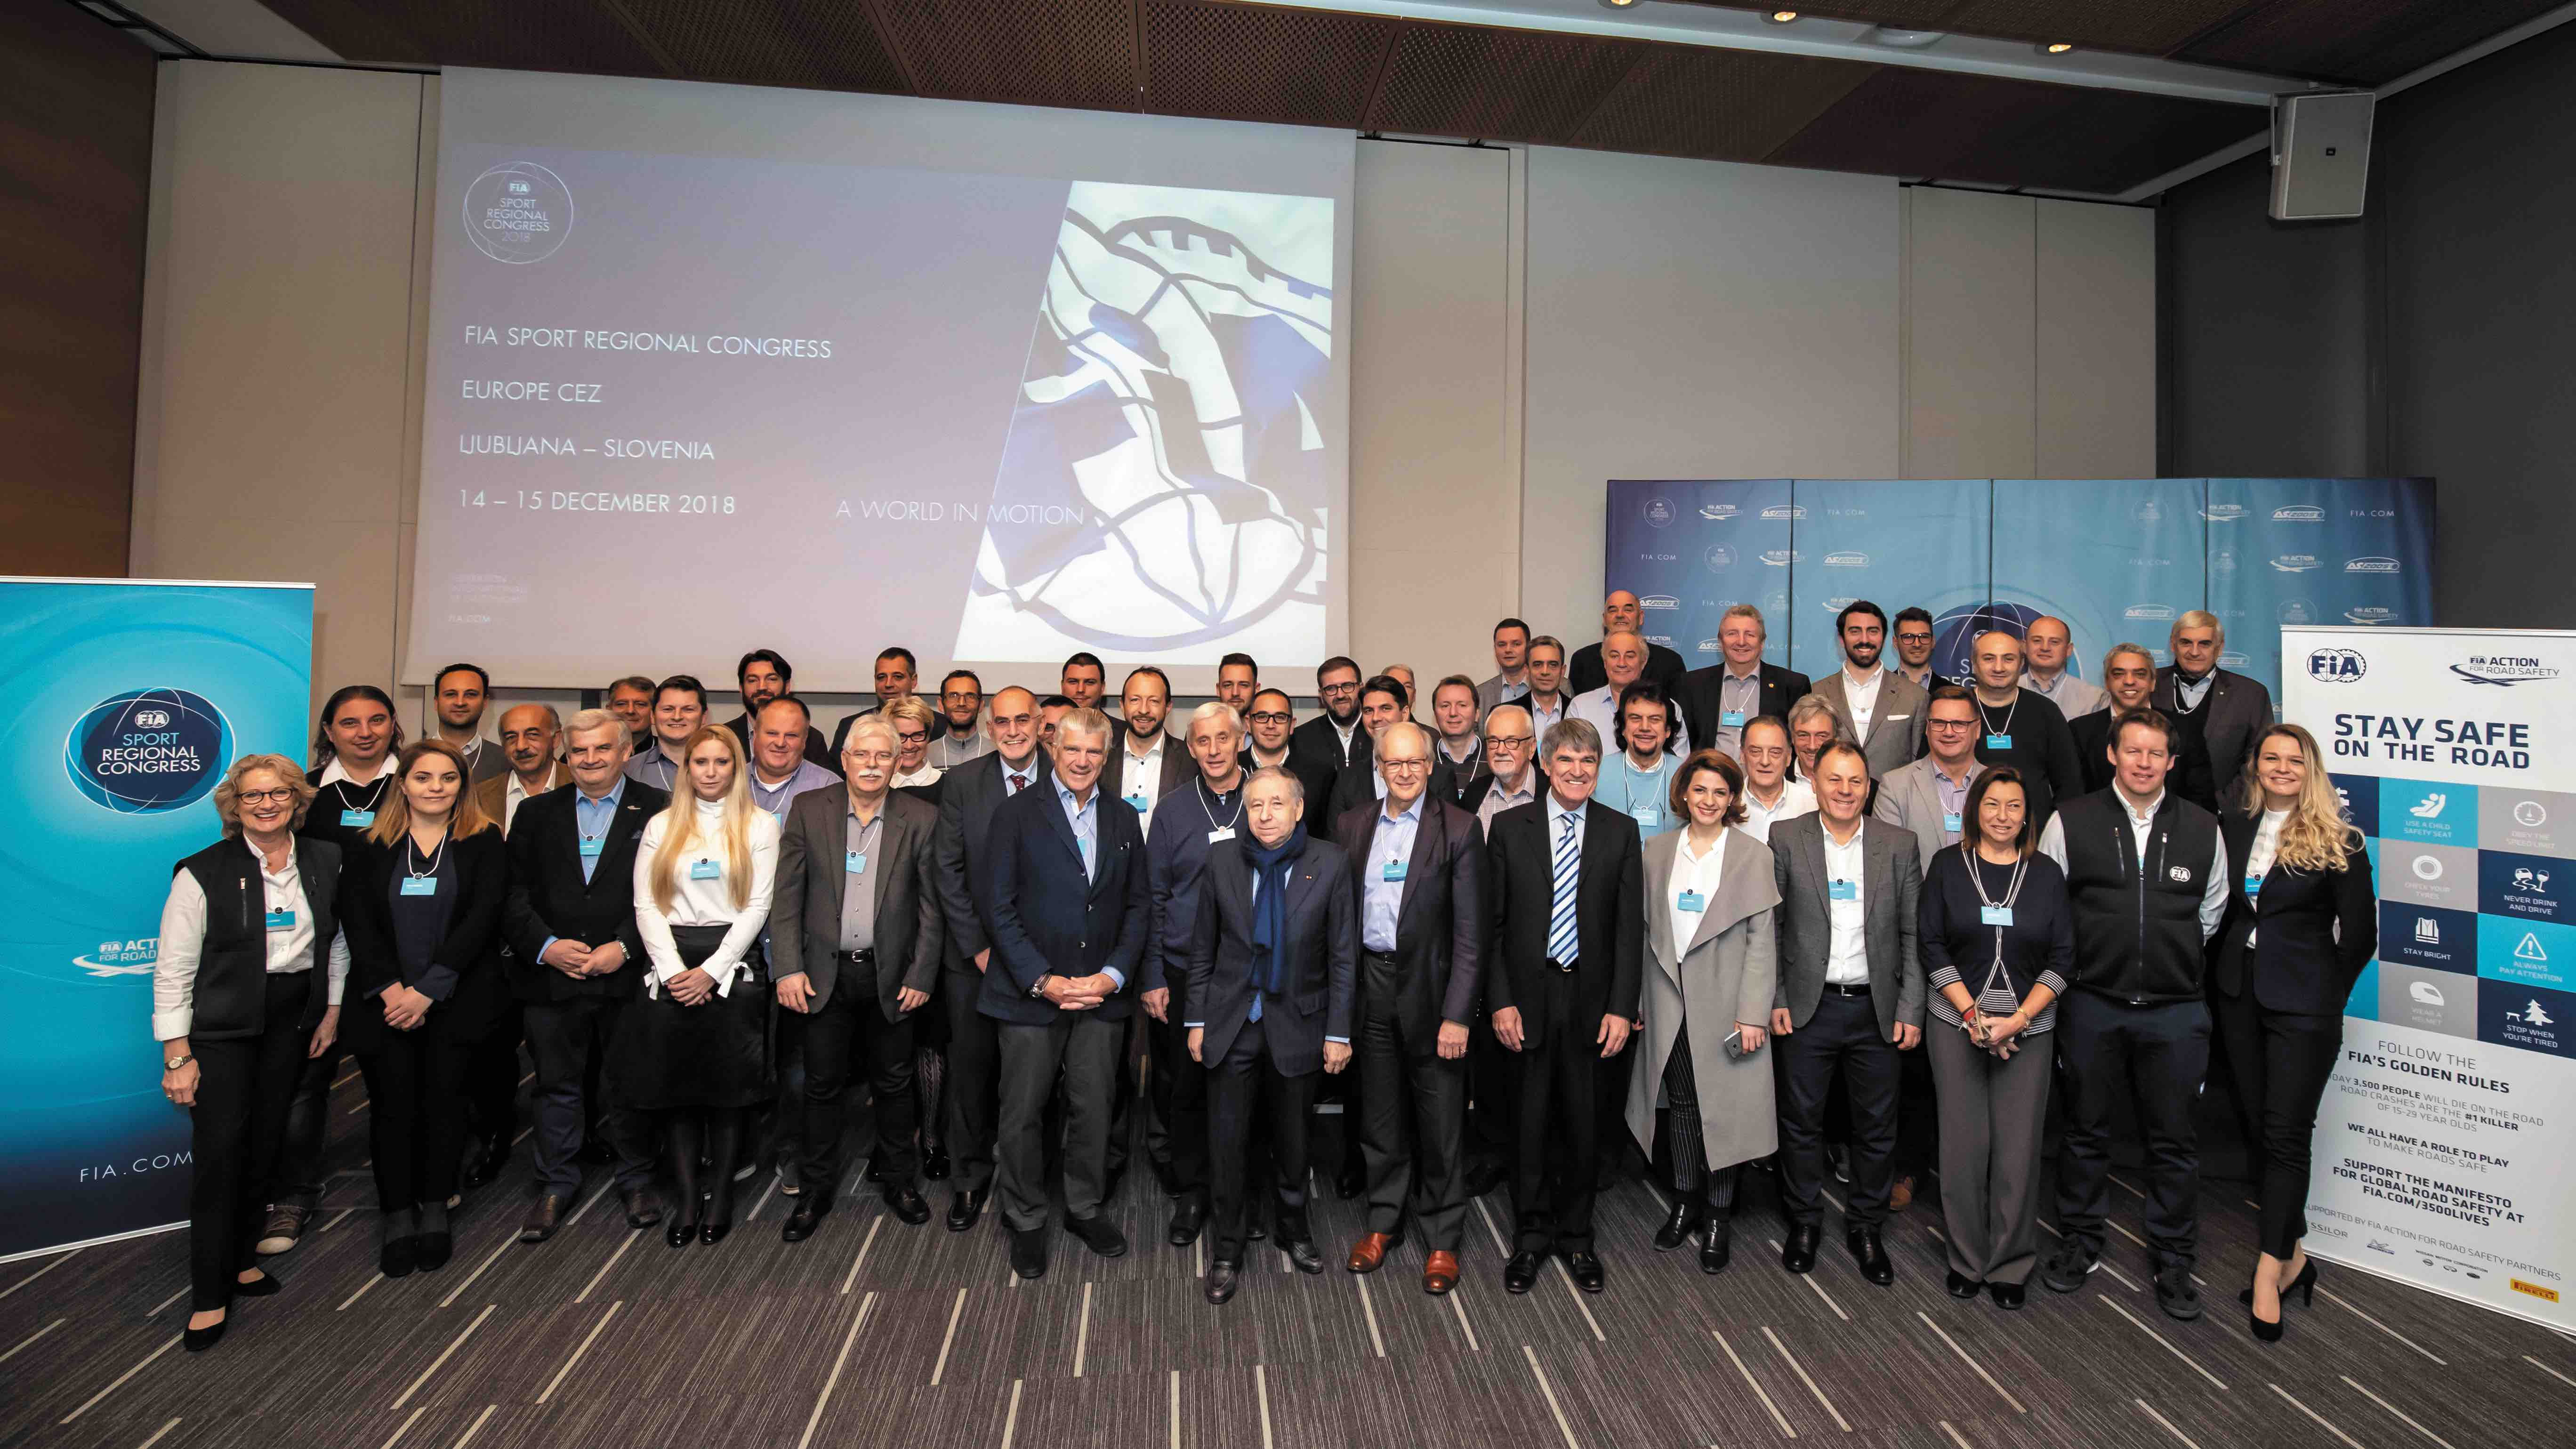 4th FIA Sport Regional Congress Central European Zone held in Slovenia